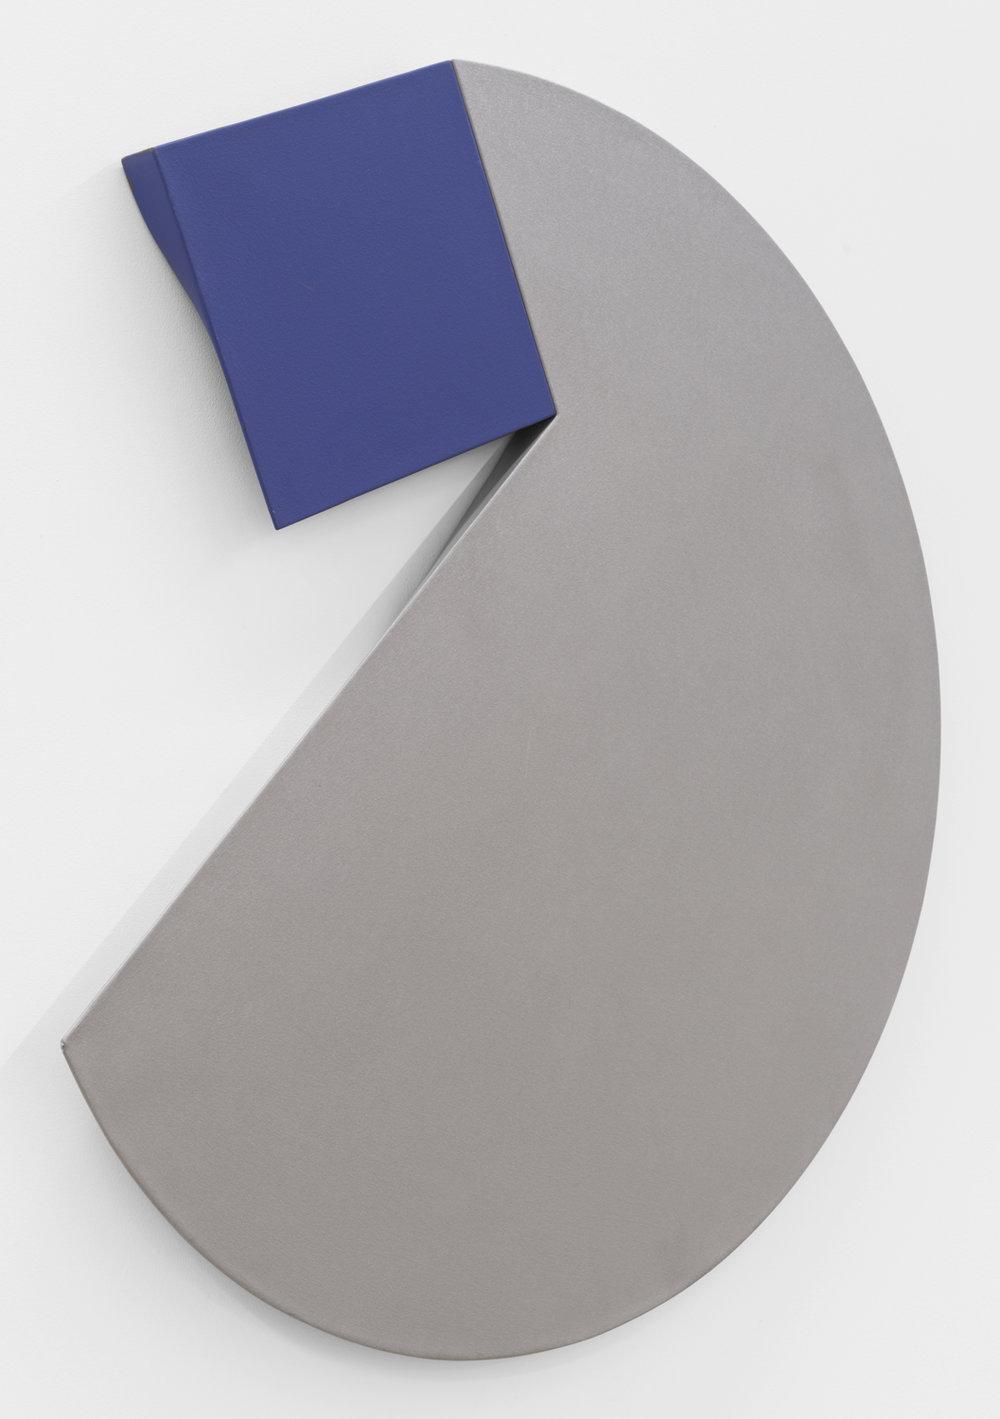 Affas Gaffas , 1979-1980 acrylic on canvas 48-1/2 x 50 x 2 inches